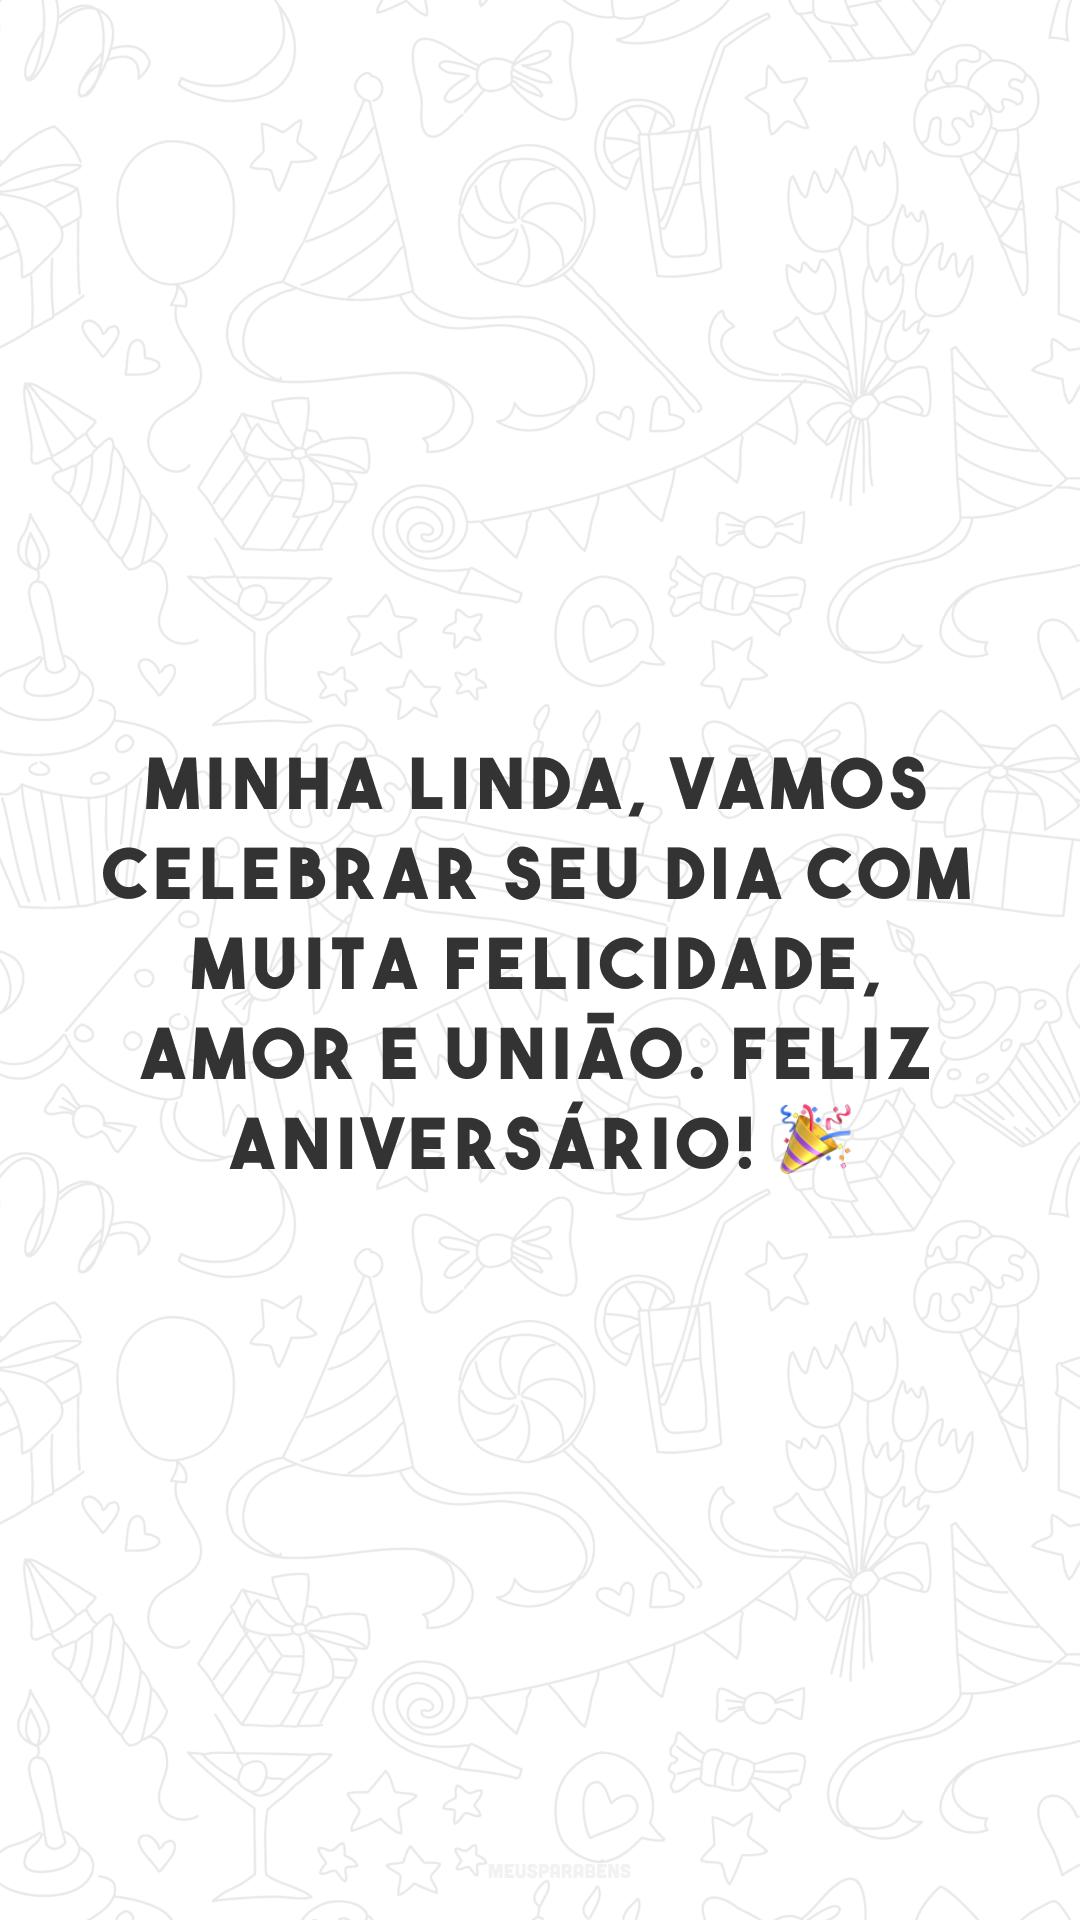 Minha linda, vamos celebrar seu dia com muita felicidade, amor e união. Feliz aniversário! 🎉